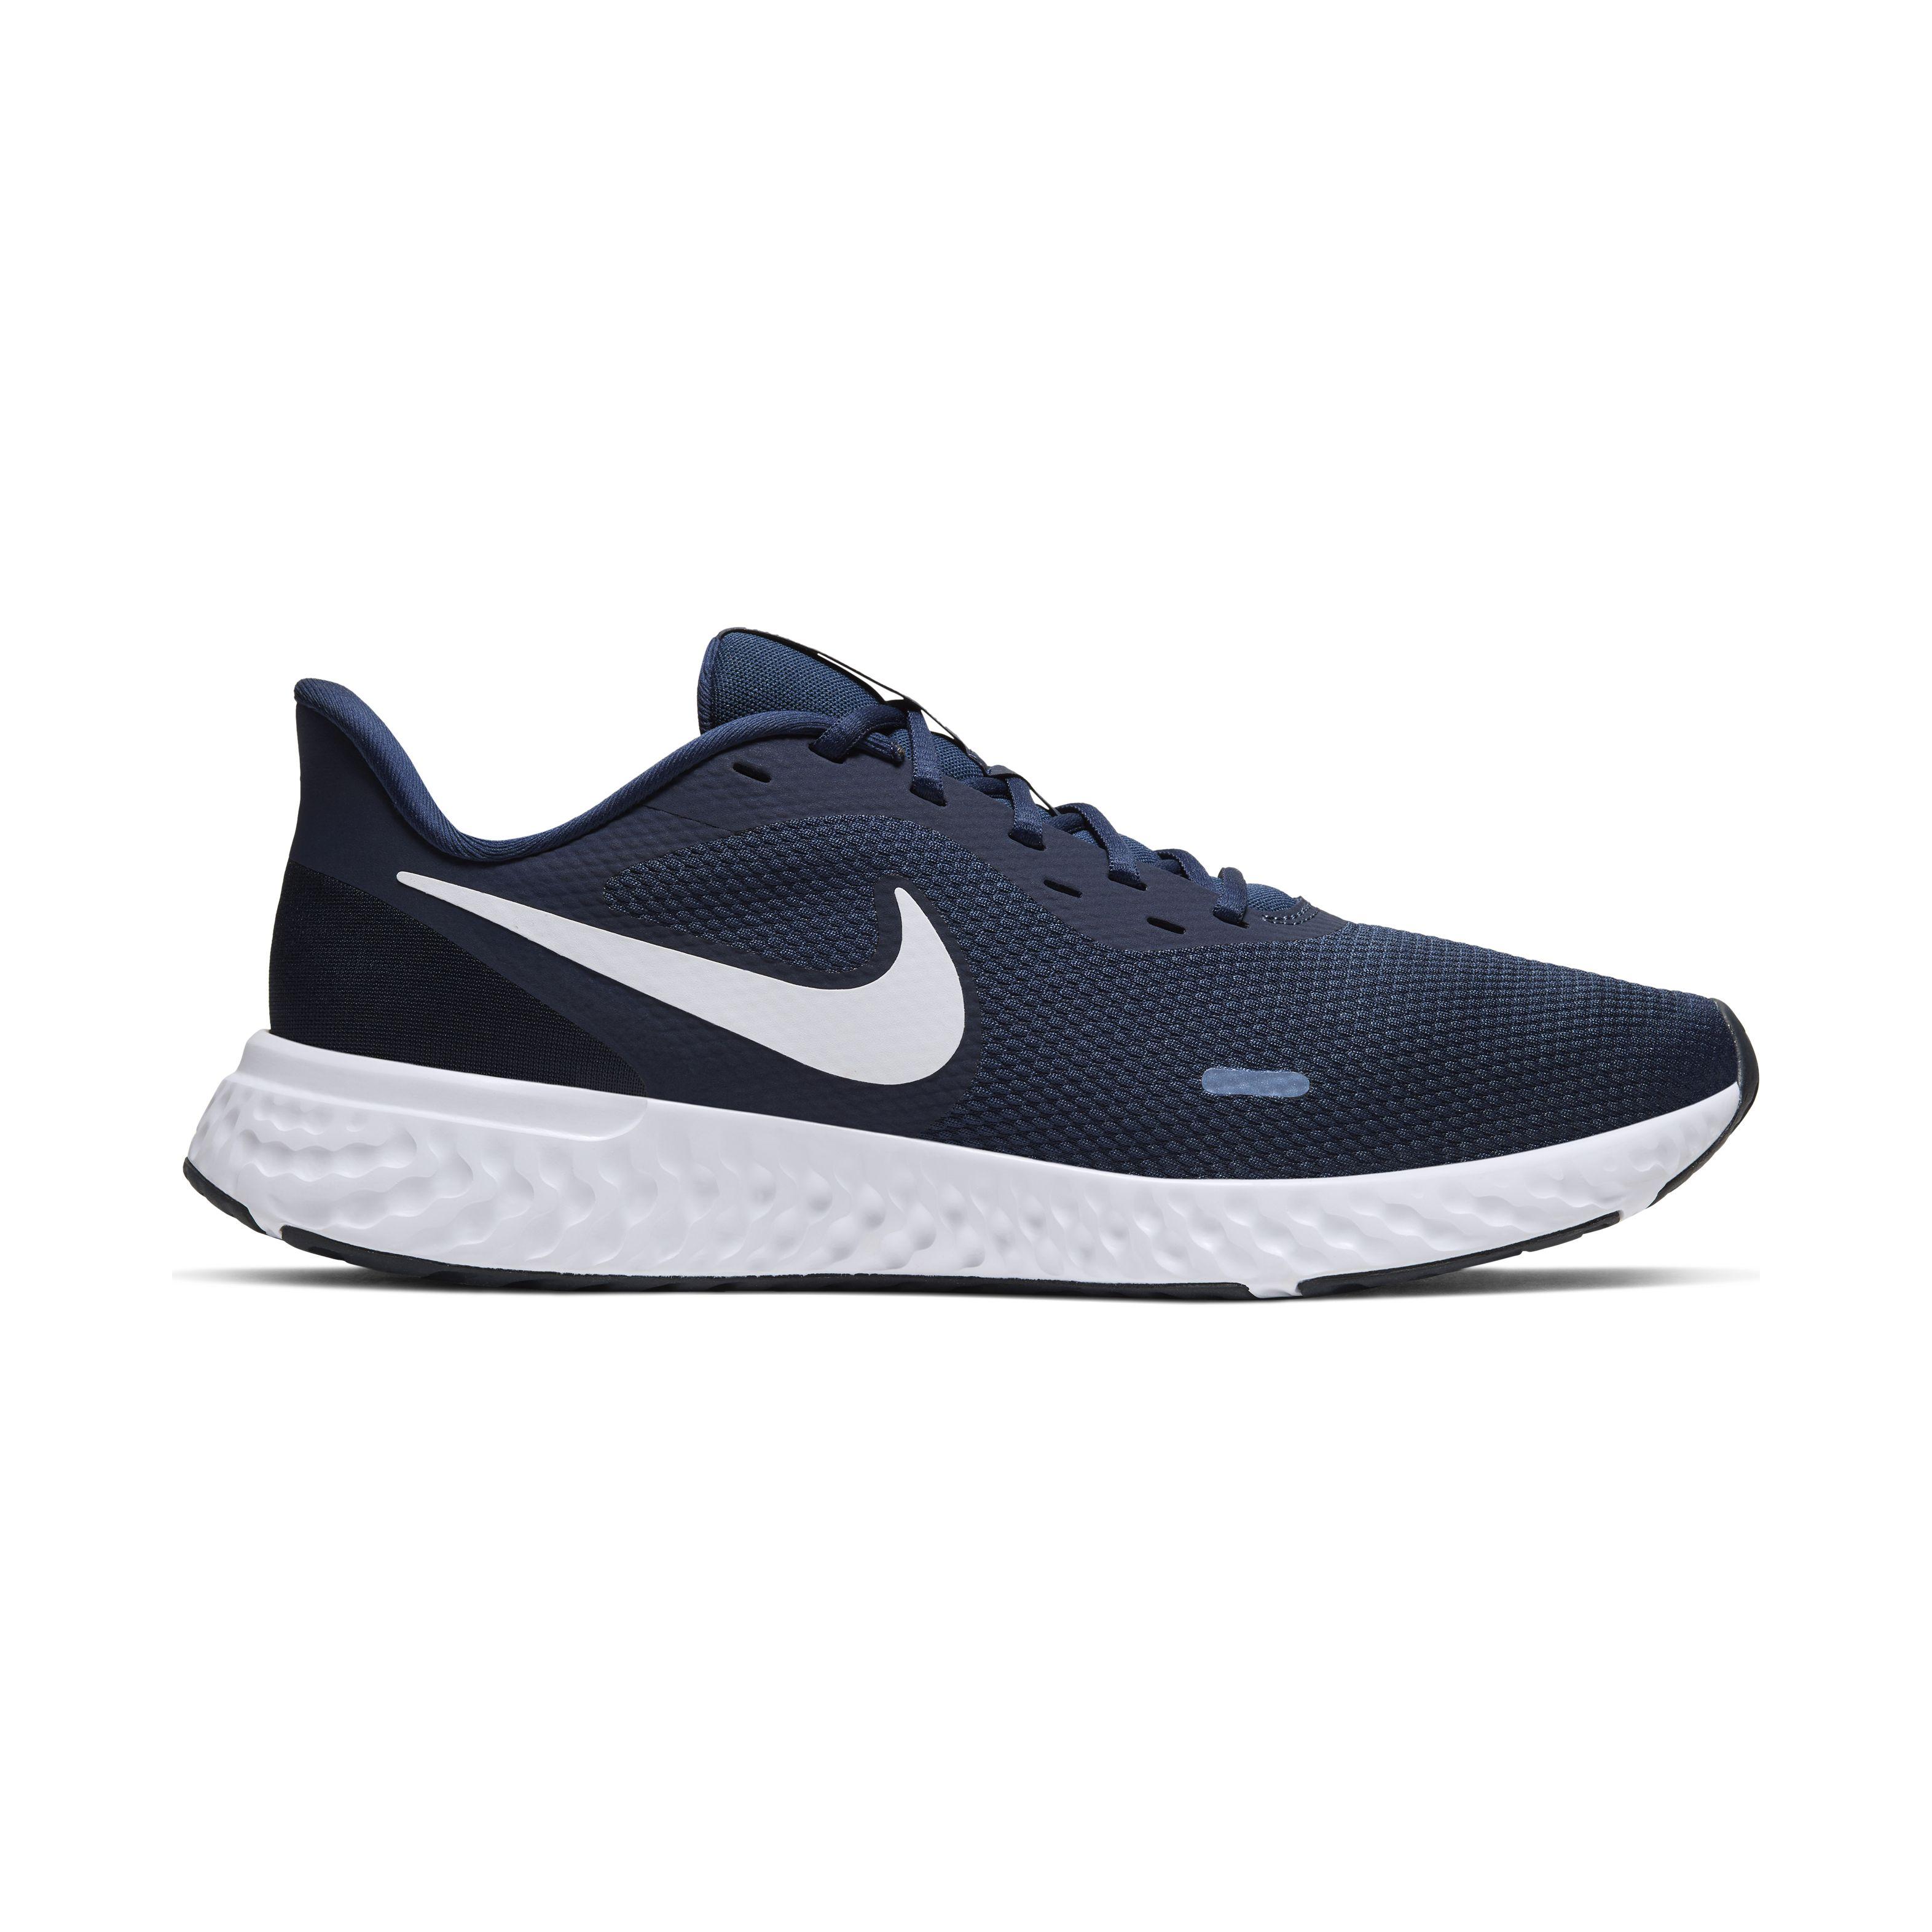 Nike revolution 5 MIDNIGHT NAVY/WHITE-DARK OBSIDIAN